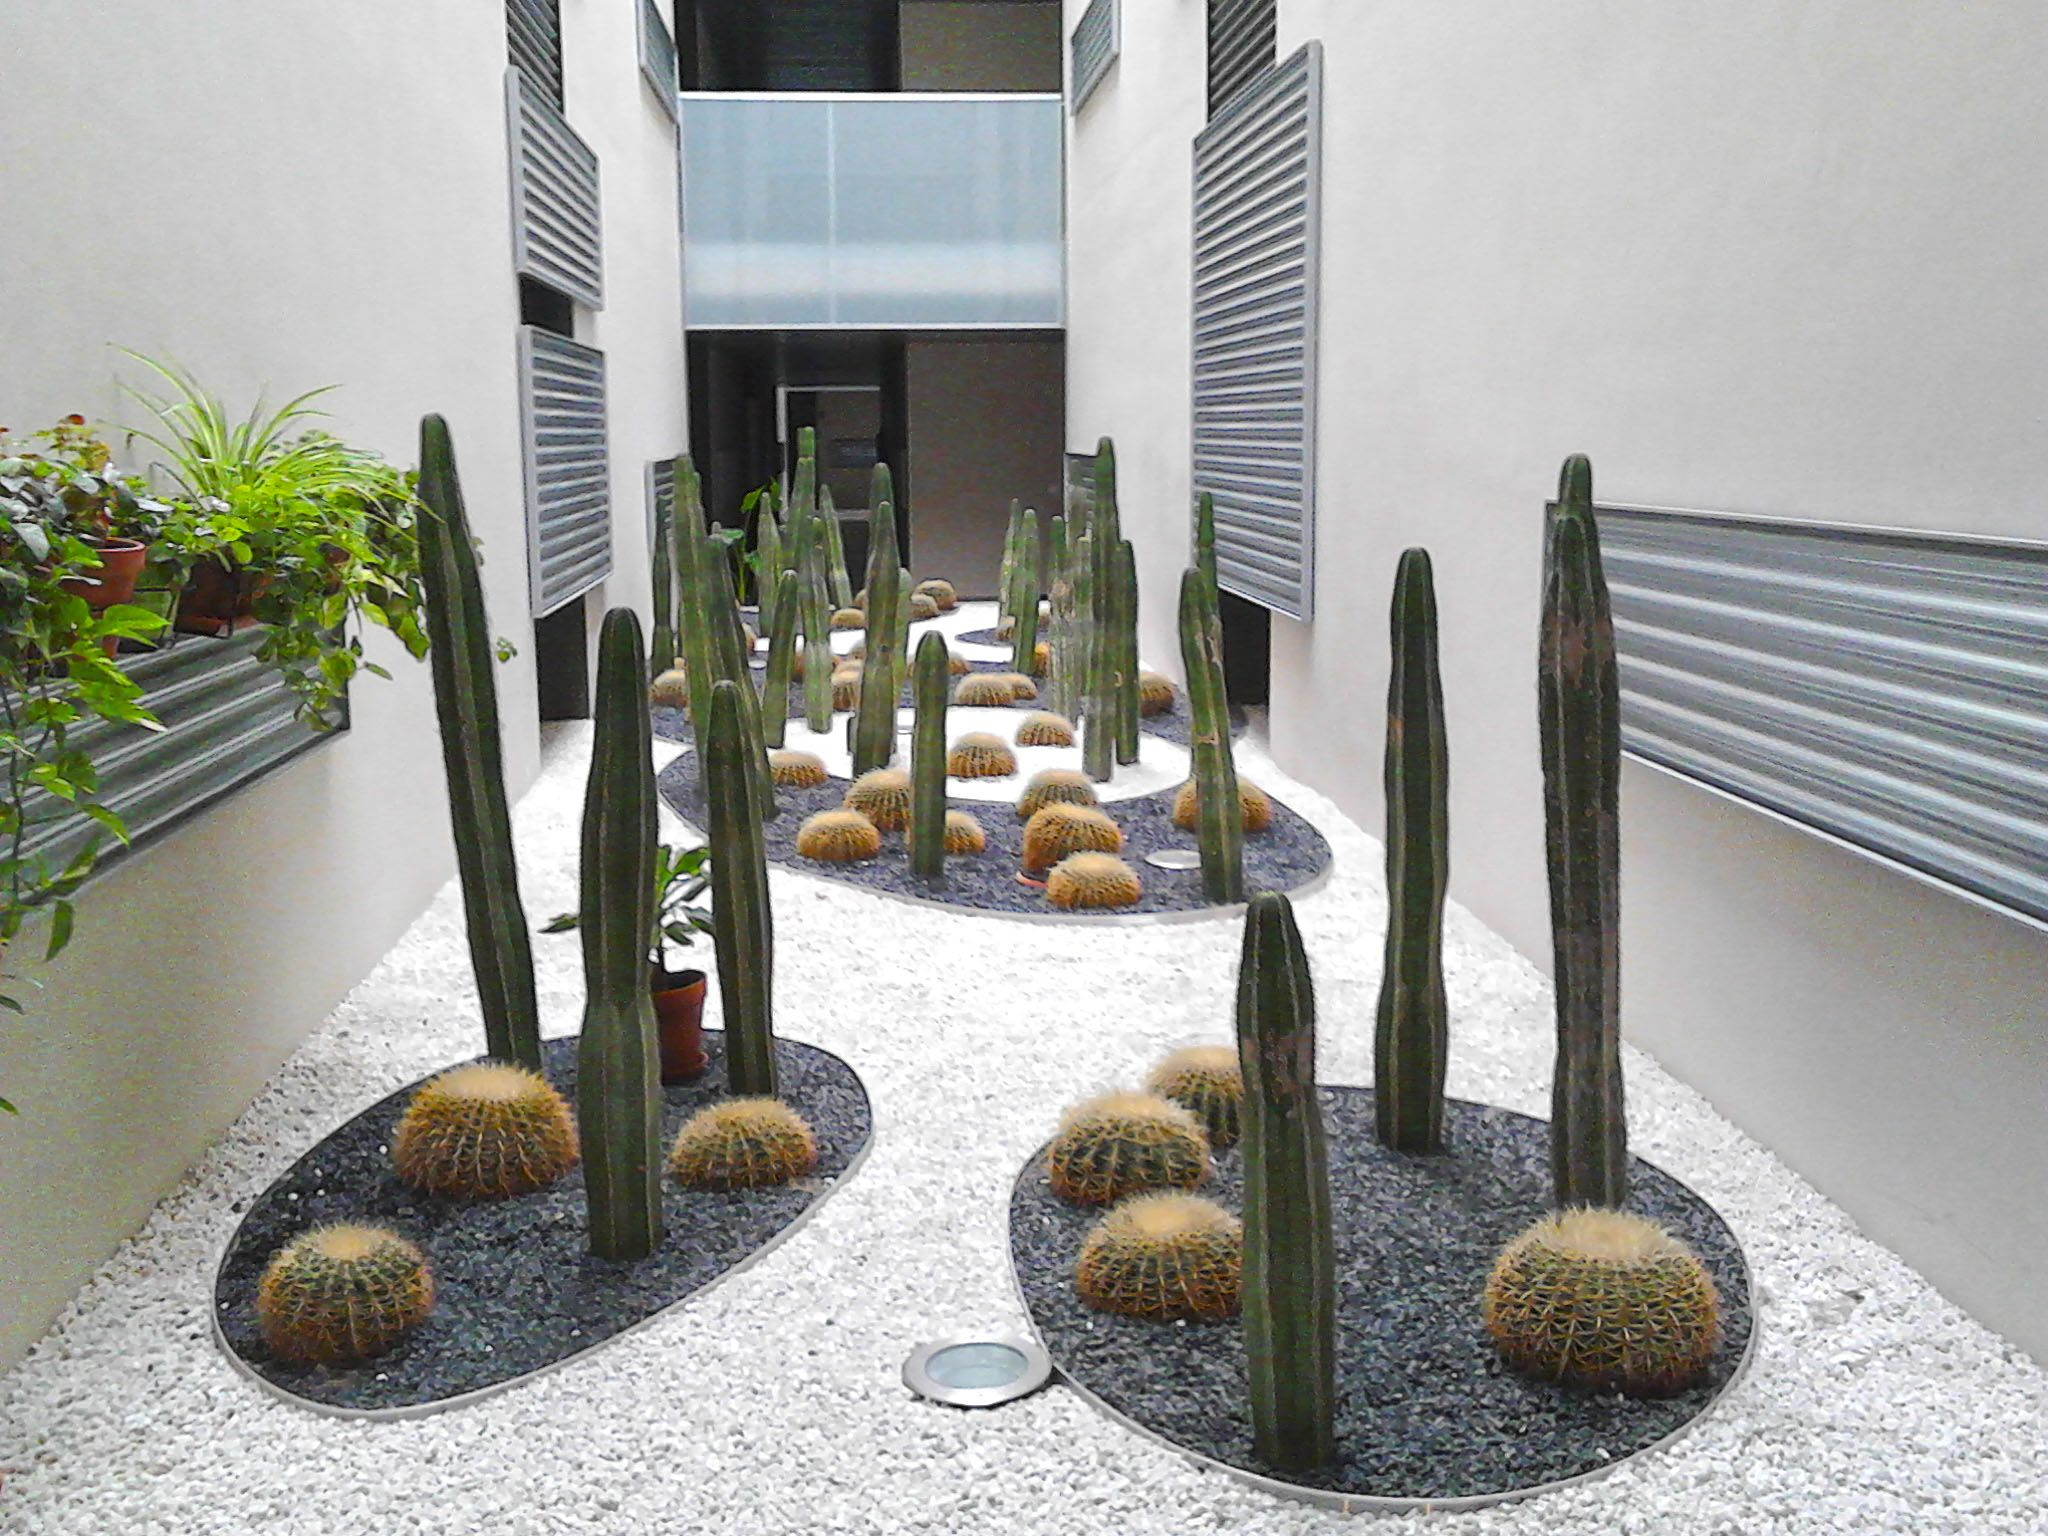 Atractiva composici n con cactus crasas en jardineras for Jardineras de piedra natural